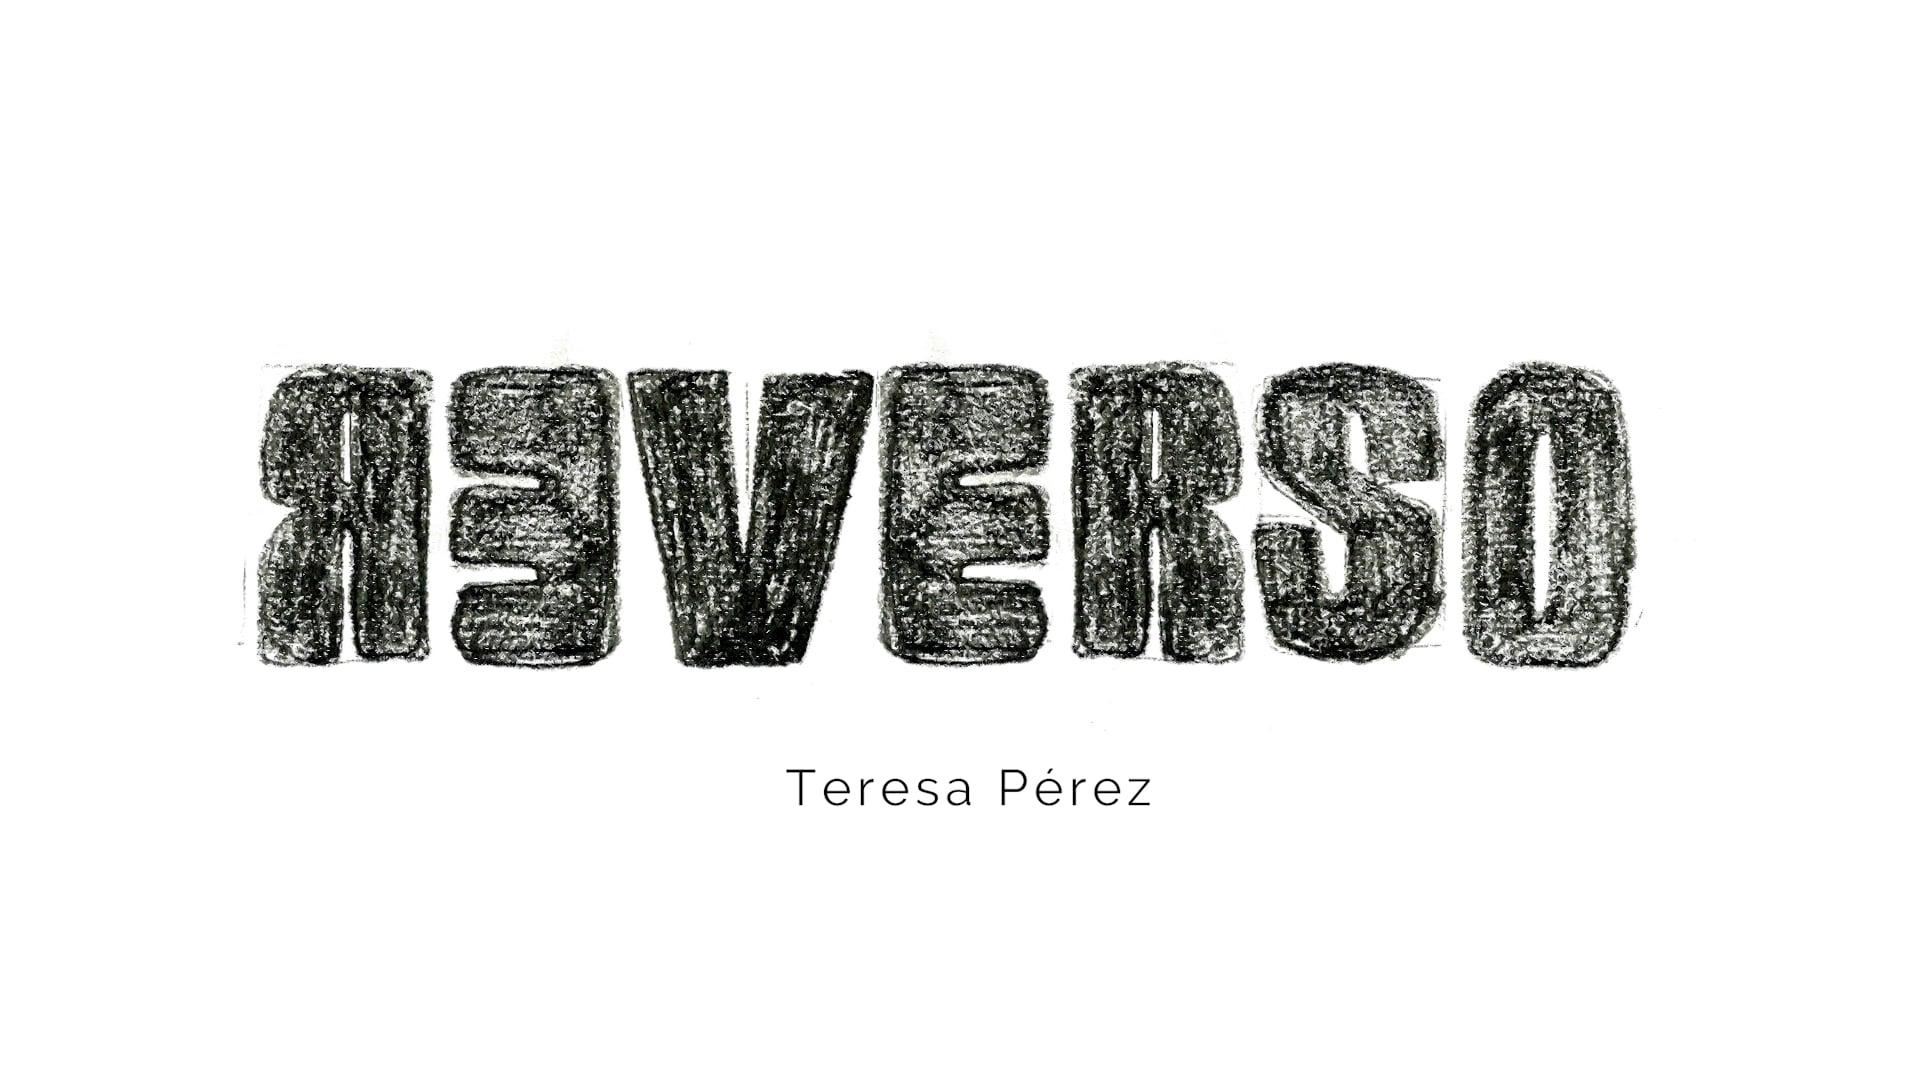 Reverso - Teresa Pérez